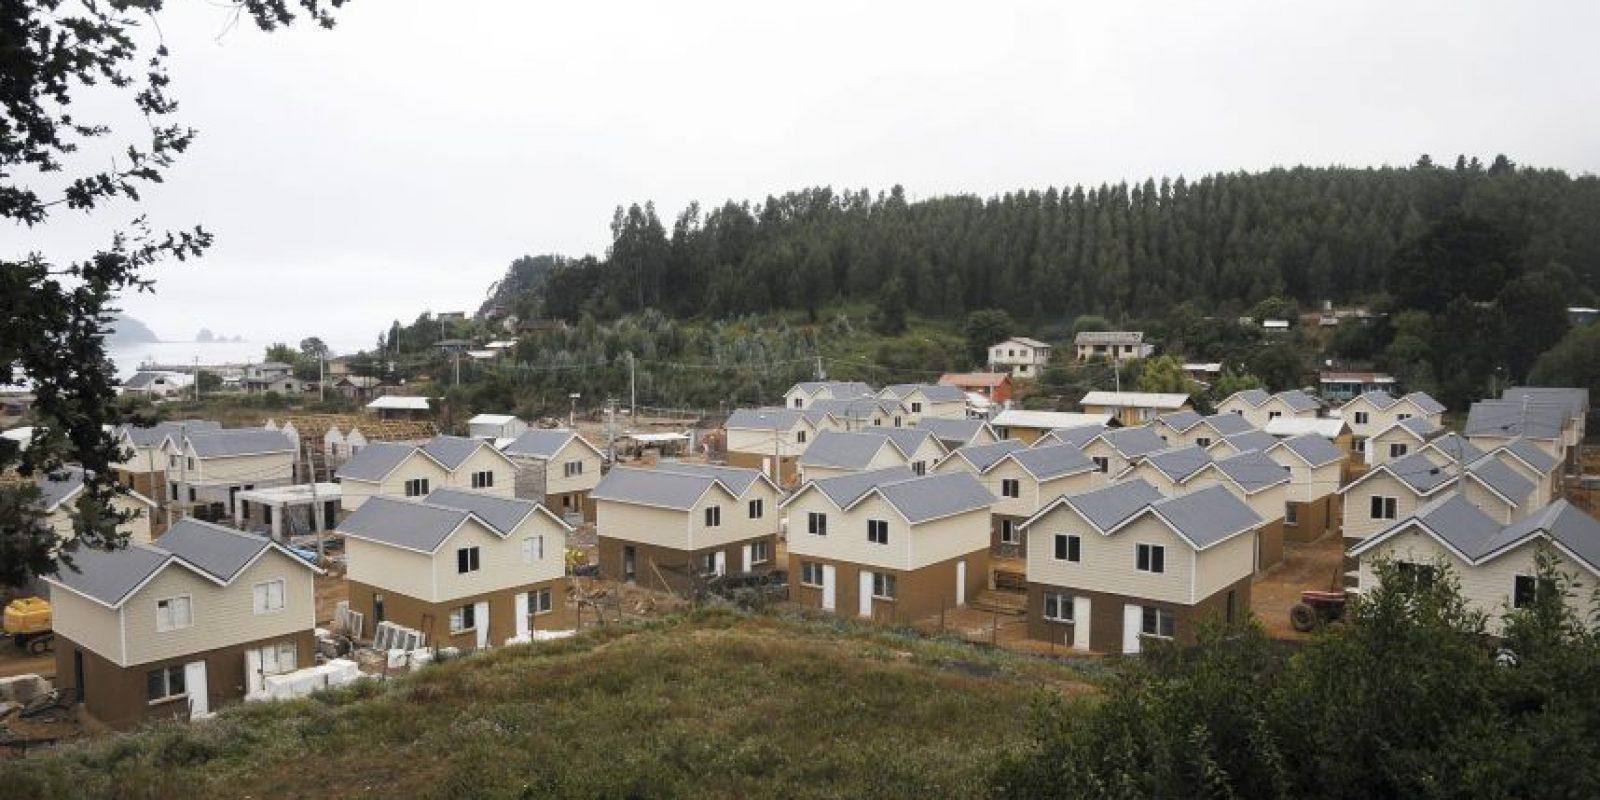 Vista general, tomada el 4 de febrero de 2012, de la primera villa reconstruida en la localidad de Dichato (Chile), afectada por el terremoto que azotó a chile el 27 de febrero de 2010. Foto:Archivo EFE/ARIEL MARINKOVIC